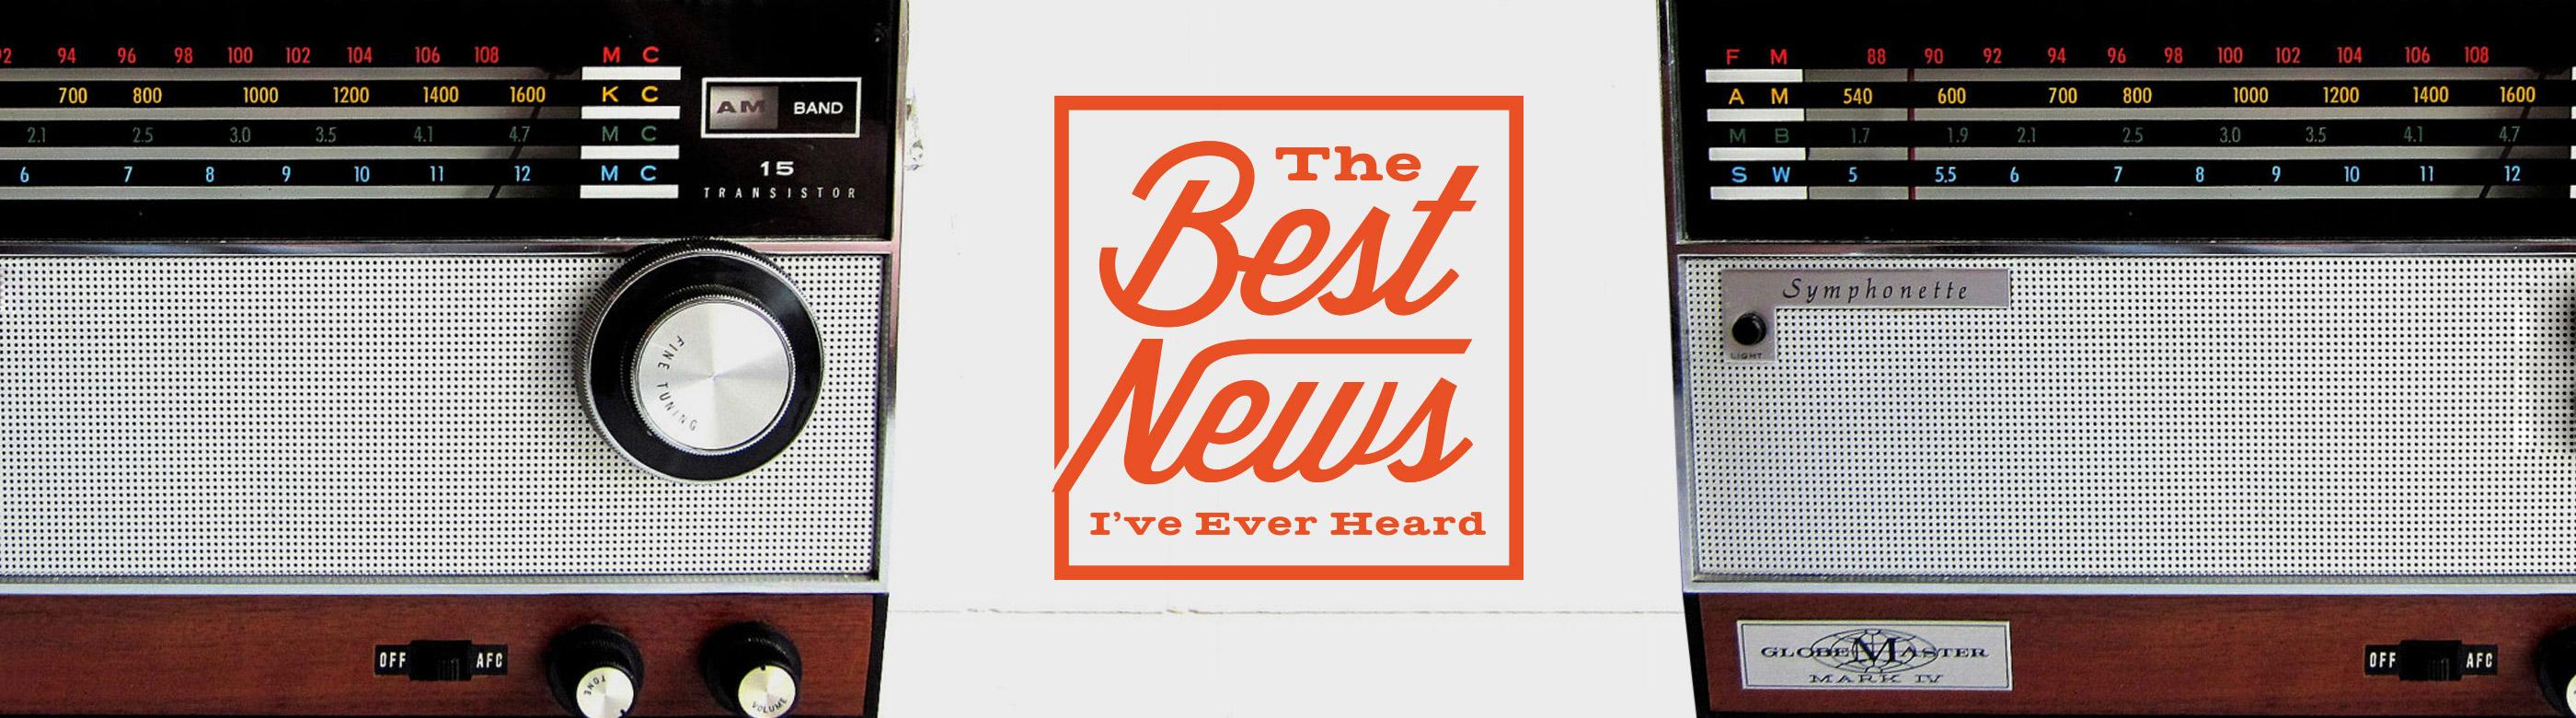 17100-2800x7803134-BestNews-WebHeader